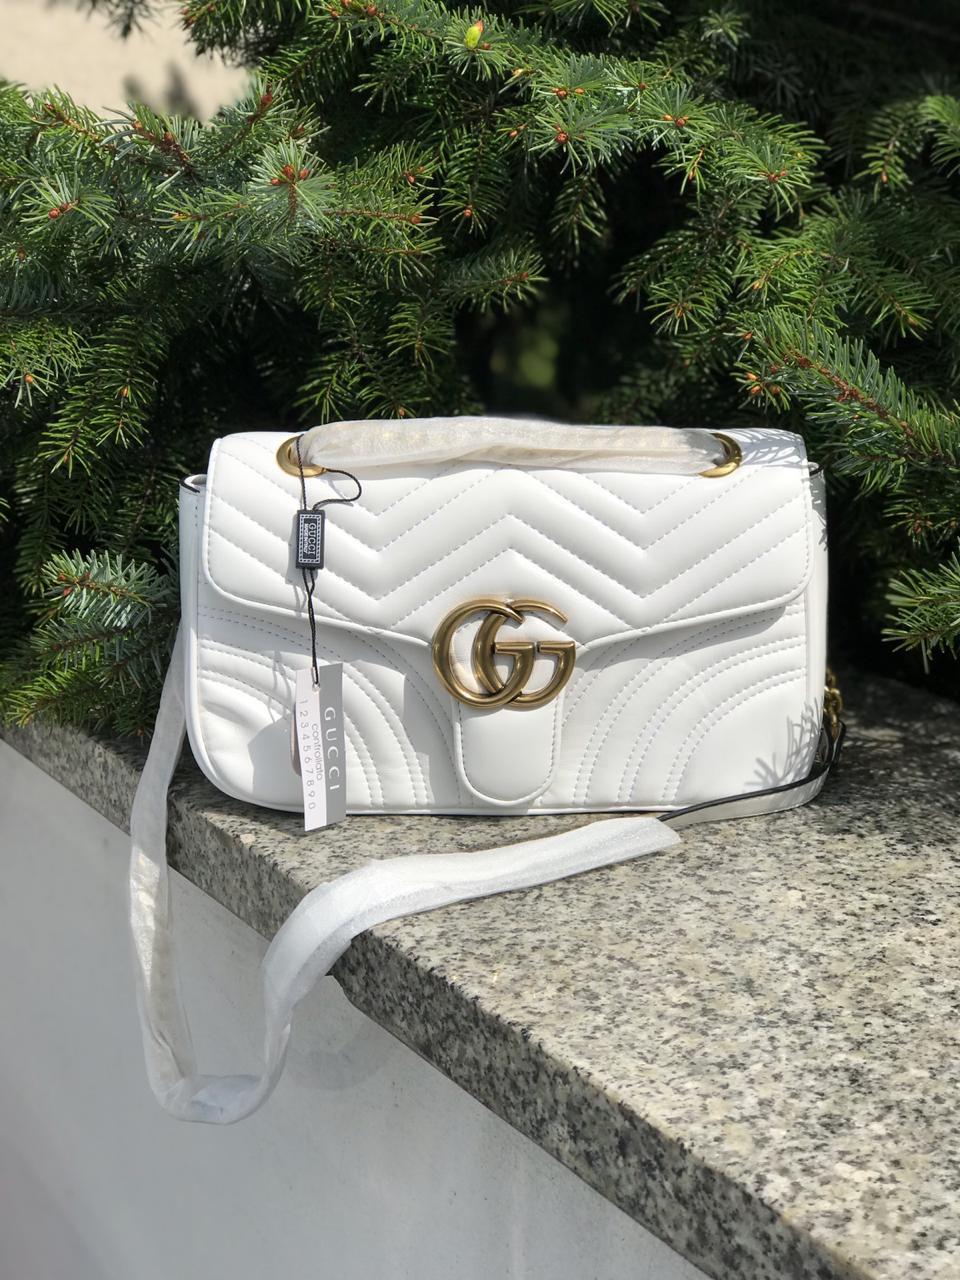 Женская сумка Gucci (Гуччи) Marmont, белый цвет